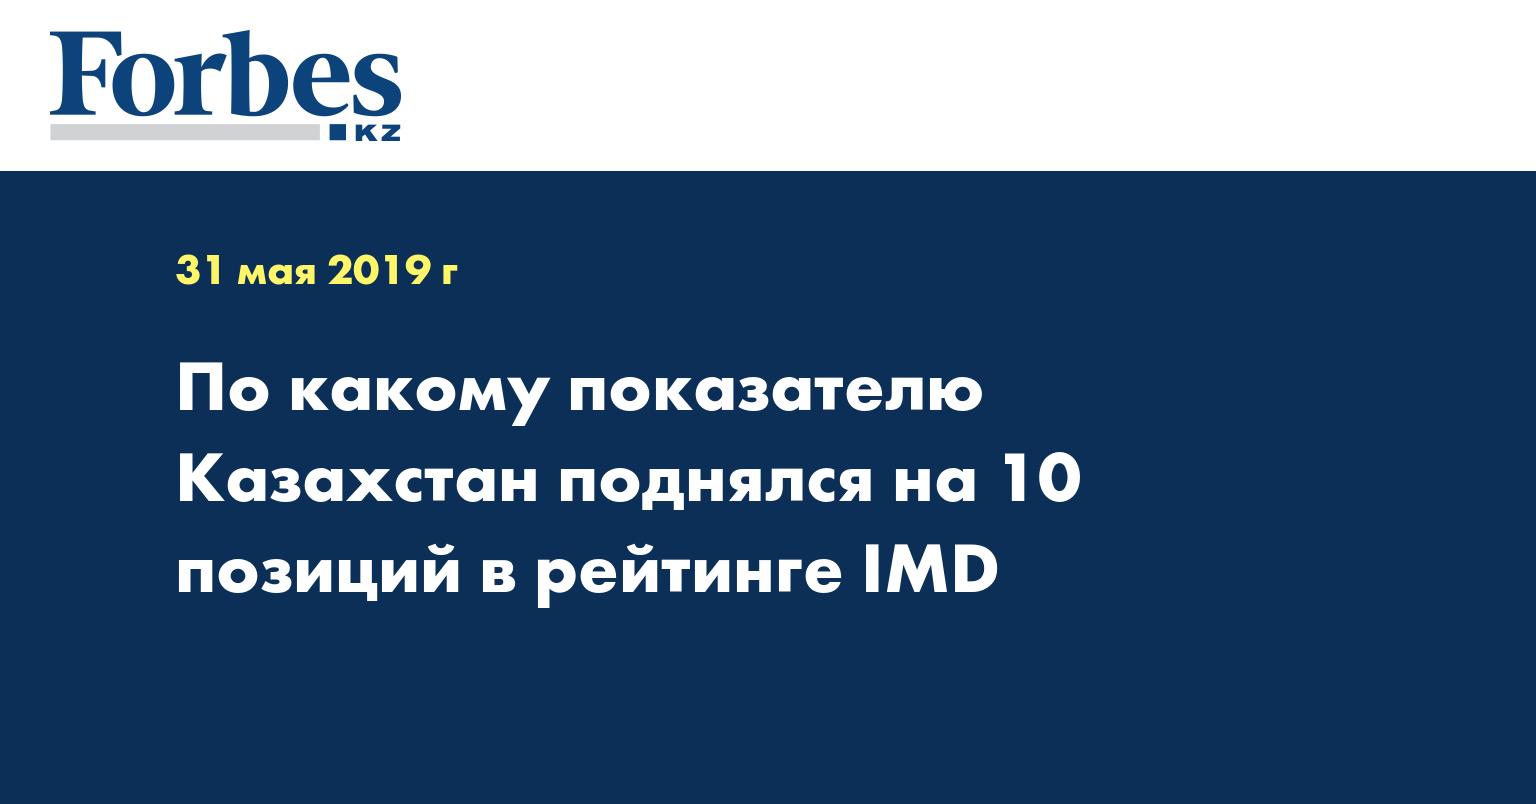 По какому показателю Казахстан поднялся на 10 позиций в рейтинге IMD